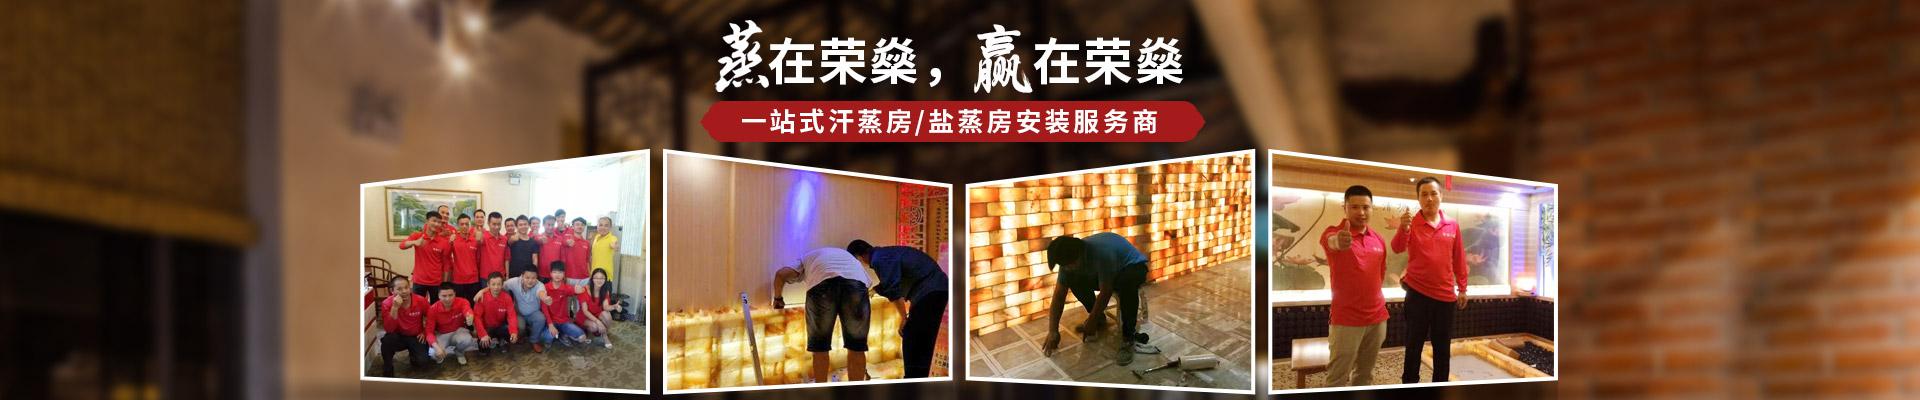 荣燊-一站式汗蒸房/盐蒸房安装服务商